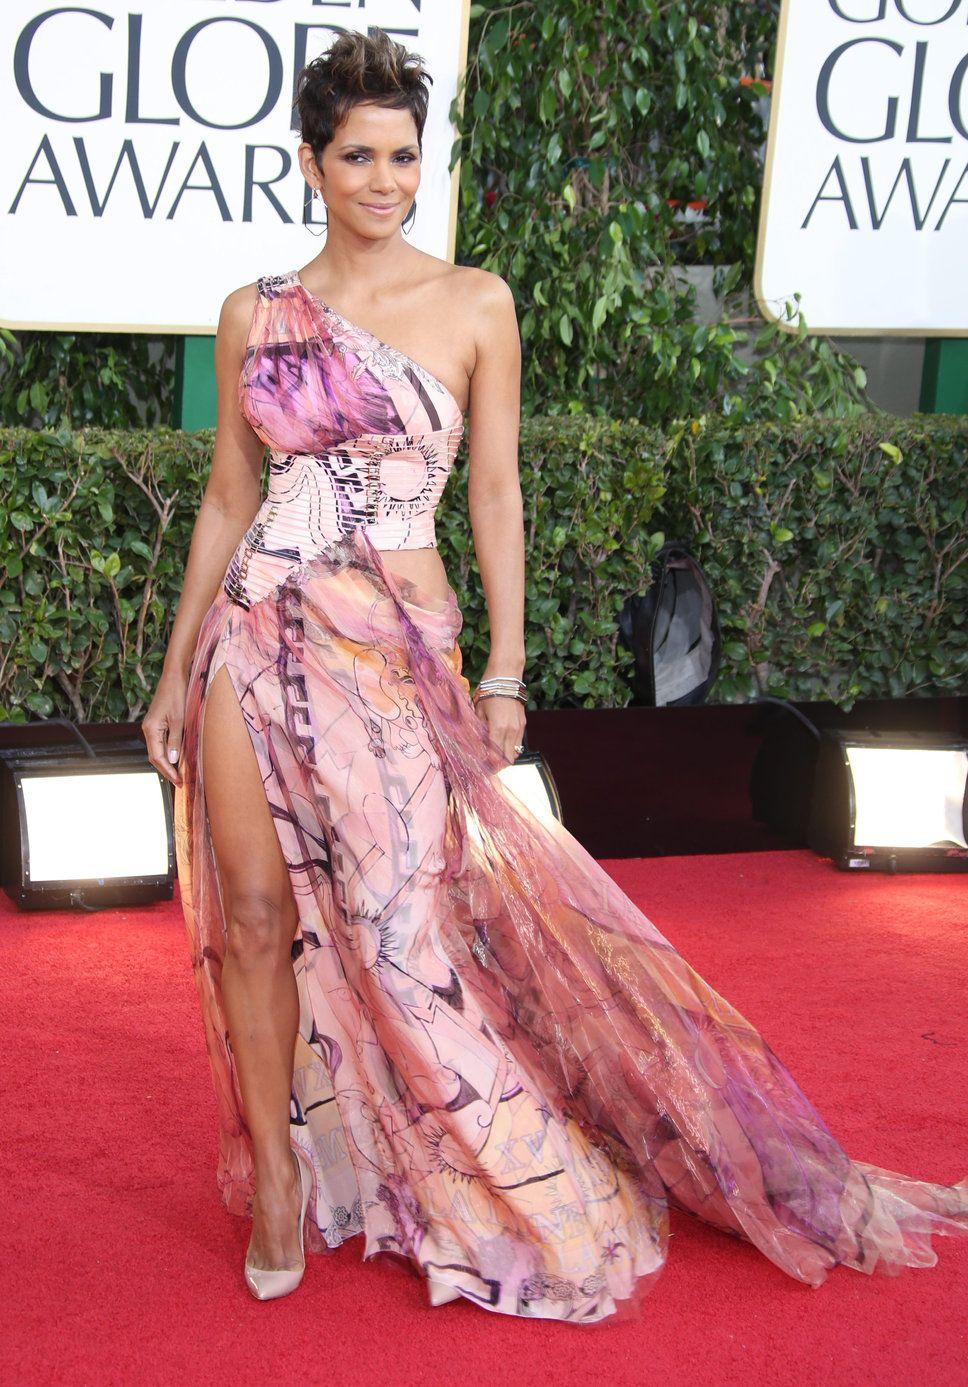 Golden globe presenters dresses for wedding